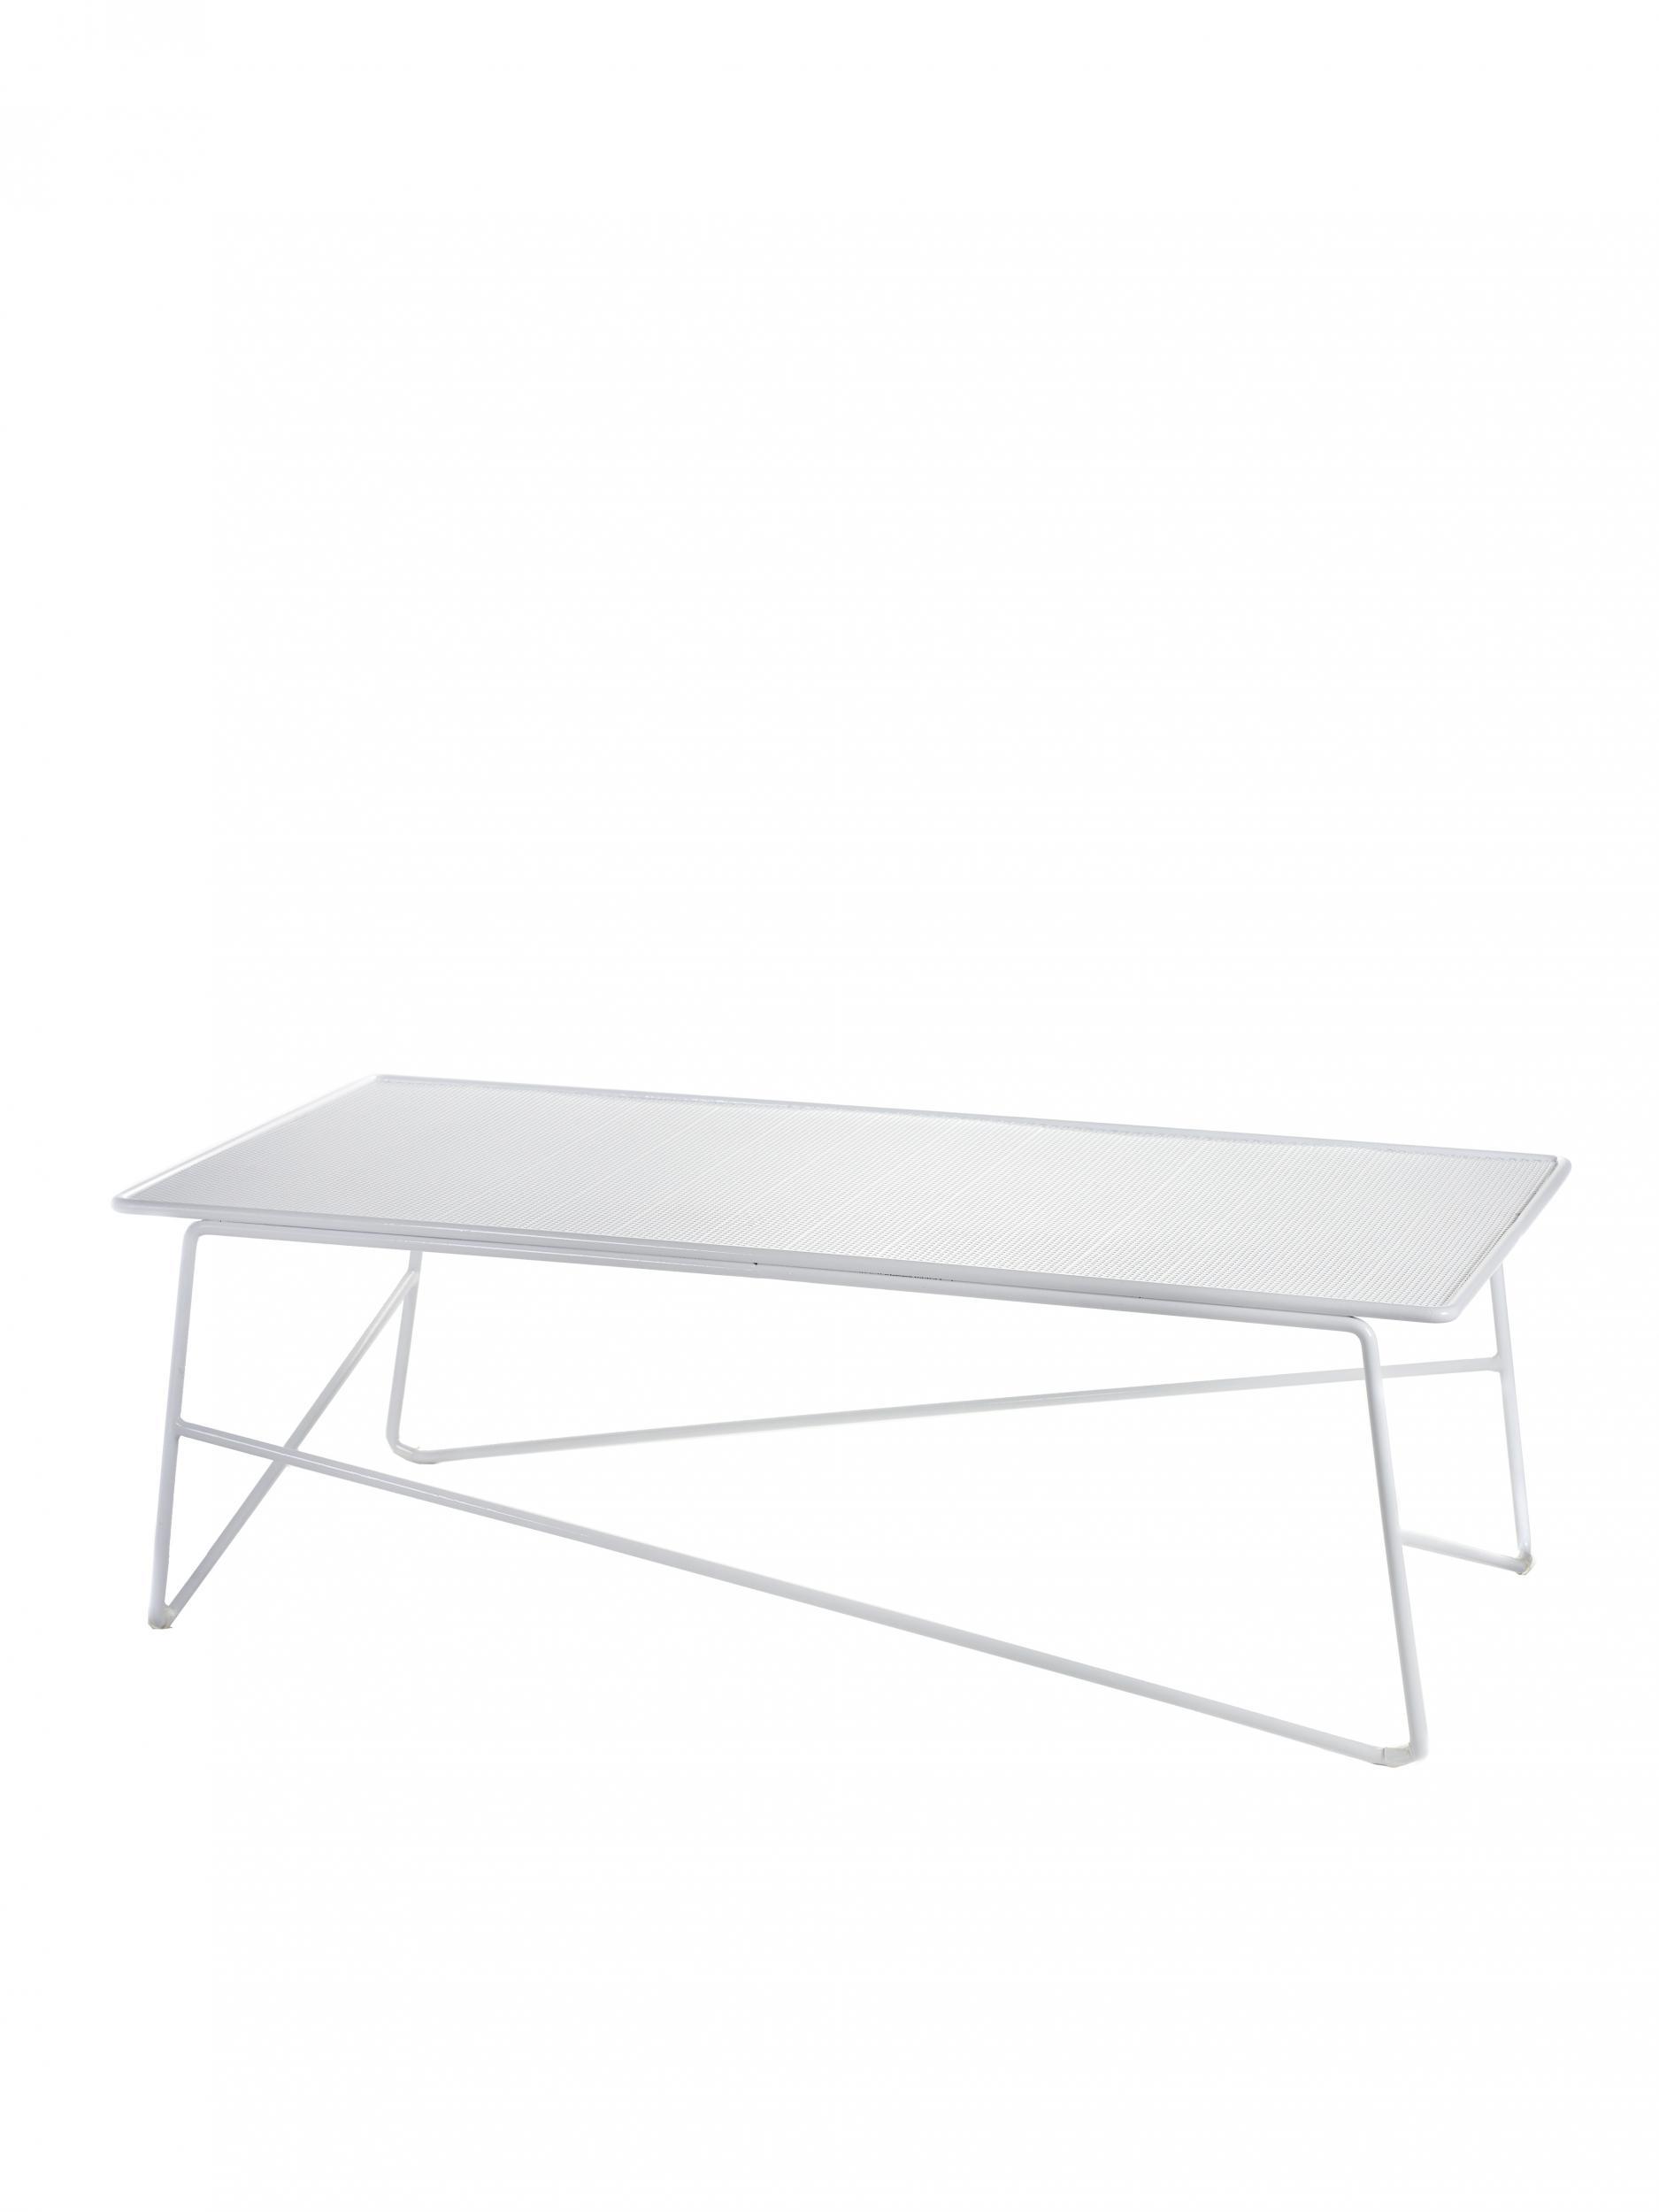 Table Basse Blanche Exterieur